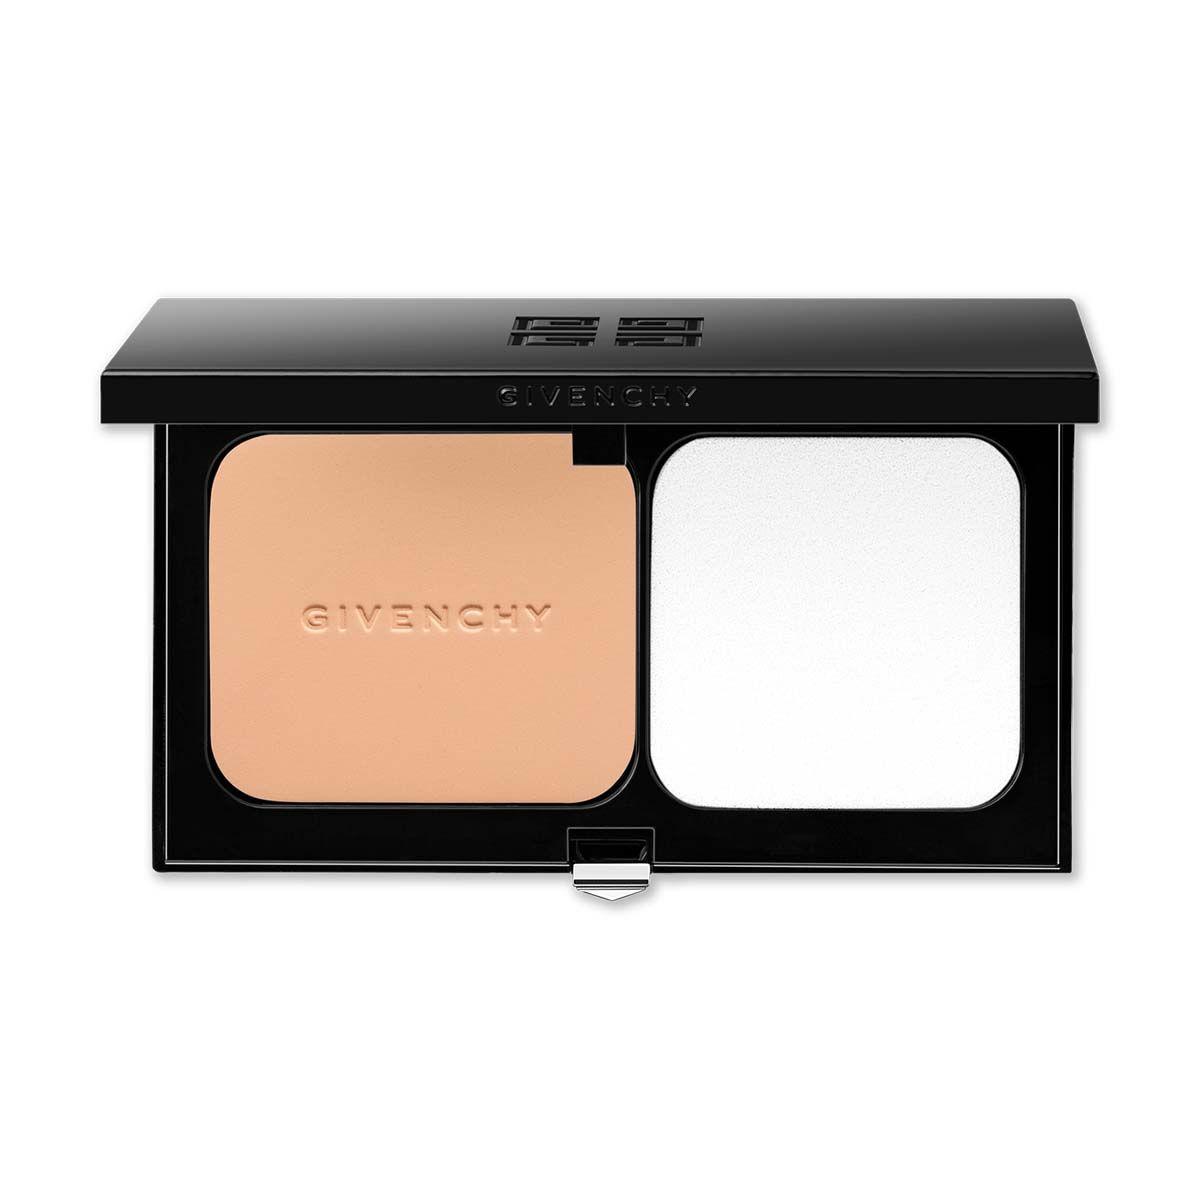 - Matissime Velvet Compact Powder Foundation